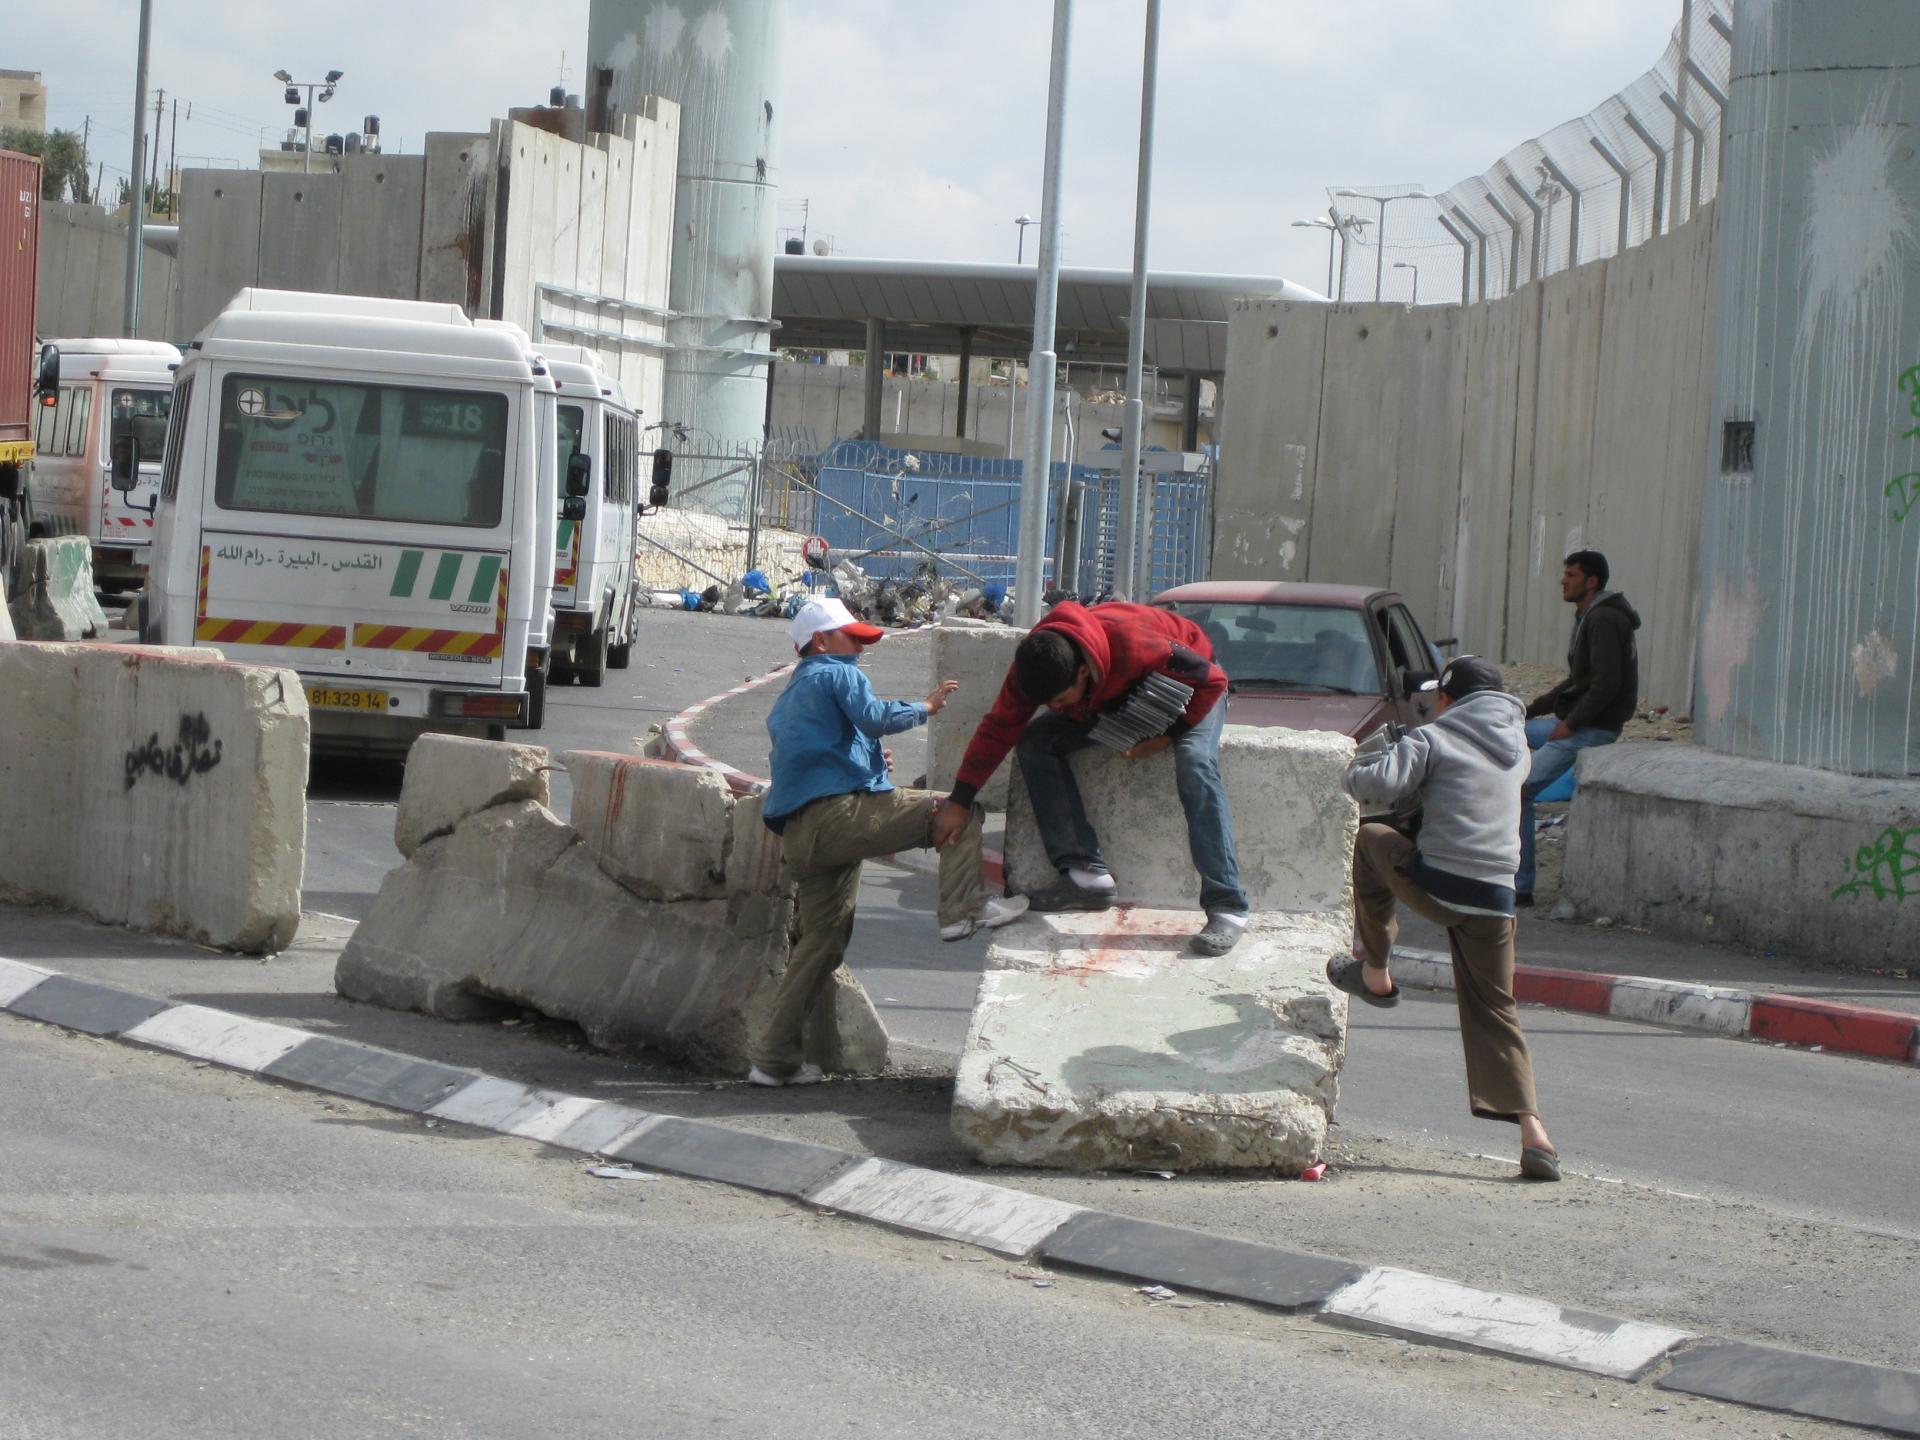 Qalandiya checkpoint 23.05.10